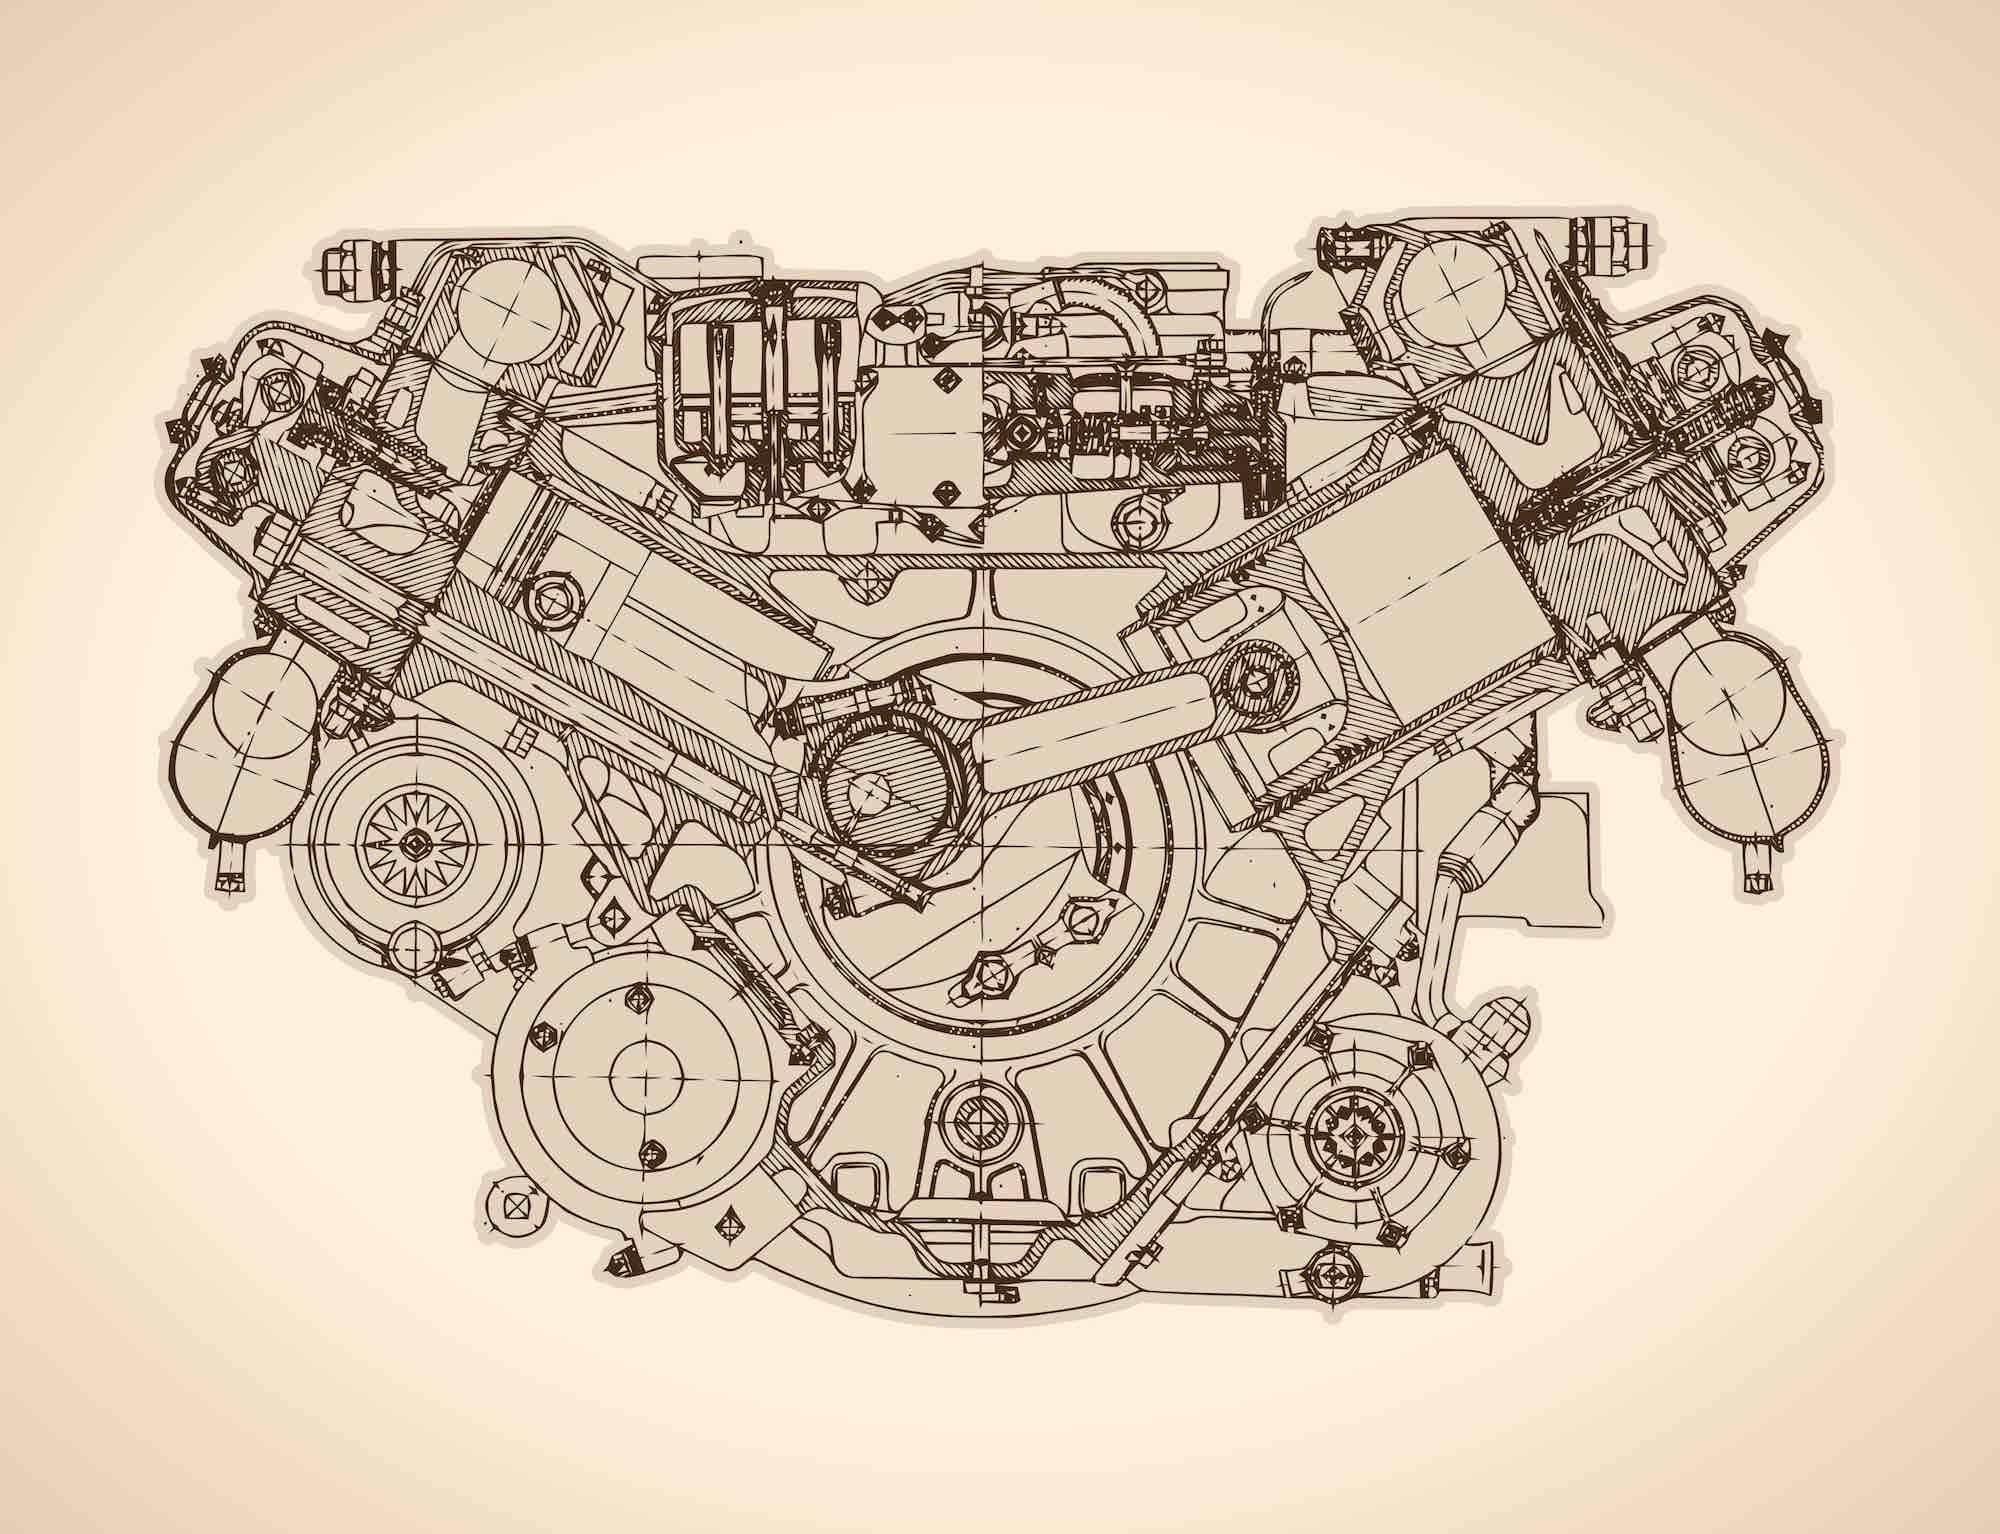 Disegno di un vecchio motore a scoppio o a combustione interna inventato da Eugenio Barsanti